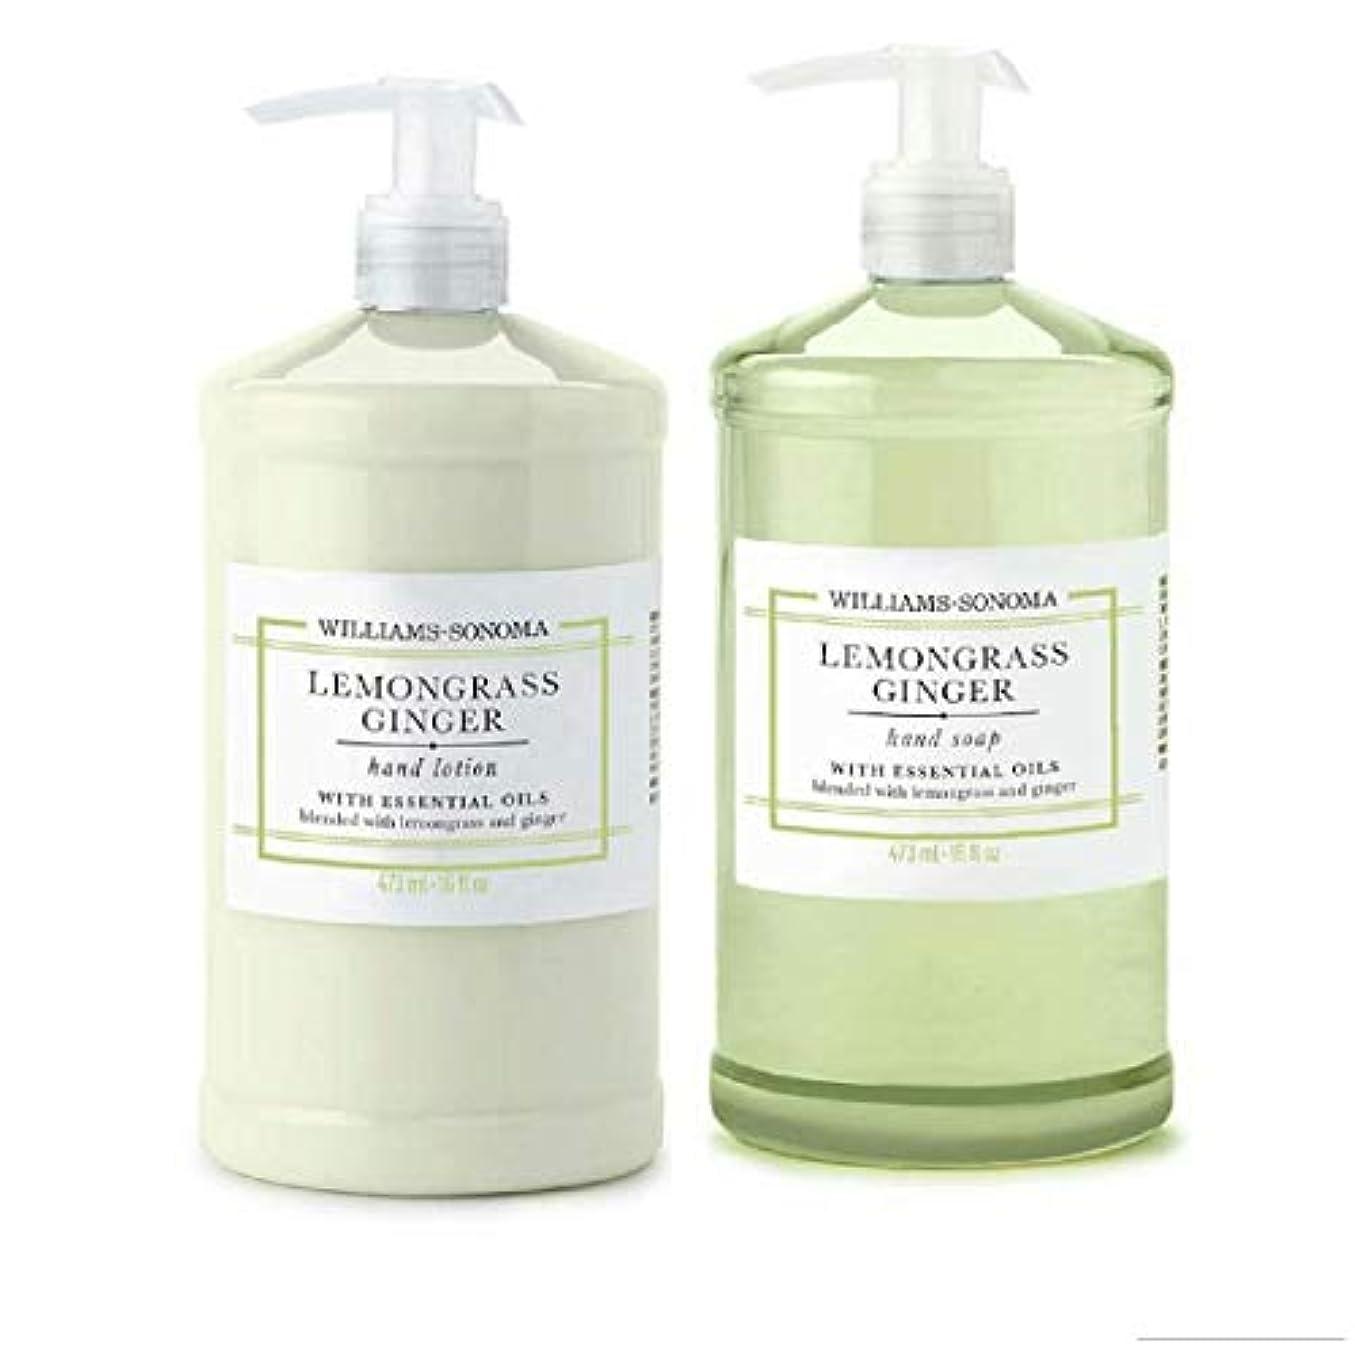 東方エール資格Williams Sonoma Lemongrass Ginger Hand Soap and Hand Lotion 16 oz each [並行輸入品]